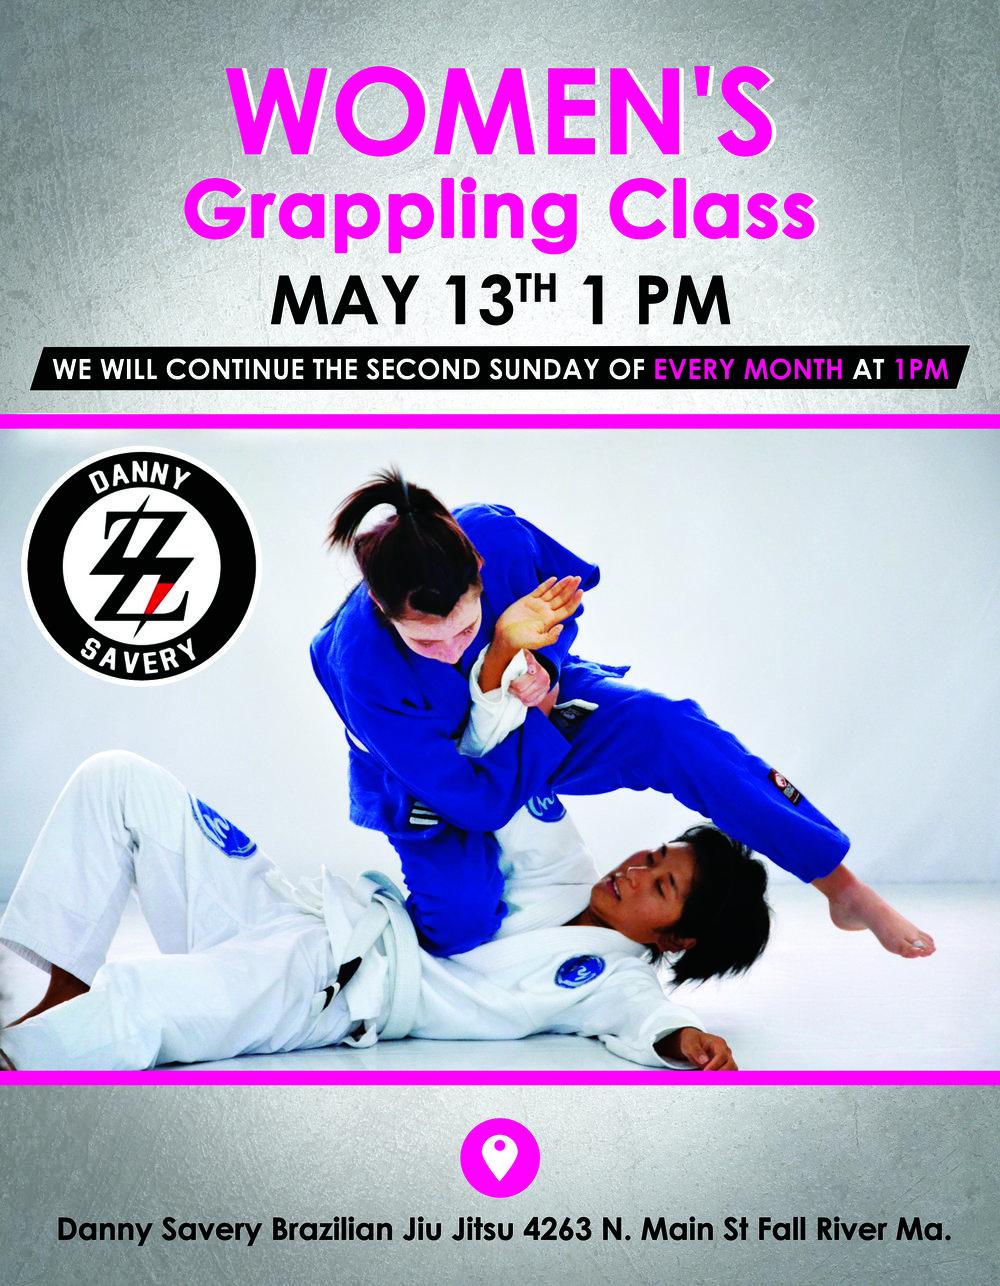 Womens Grappling Class Flyer.jpg